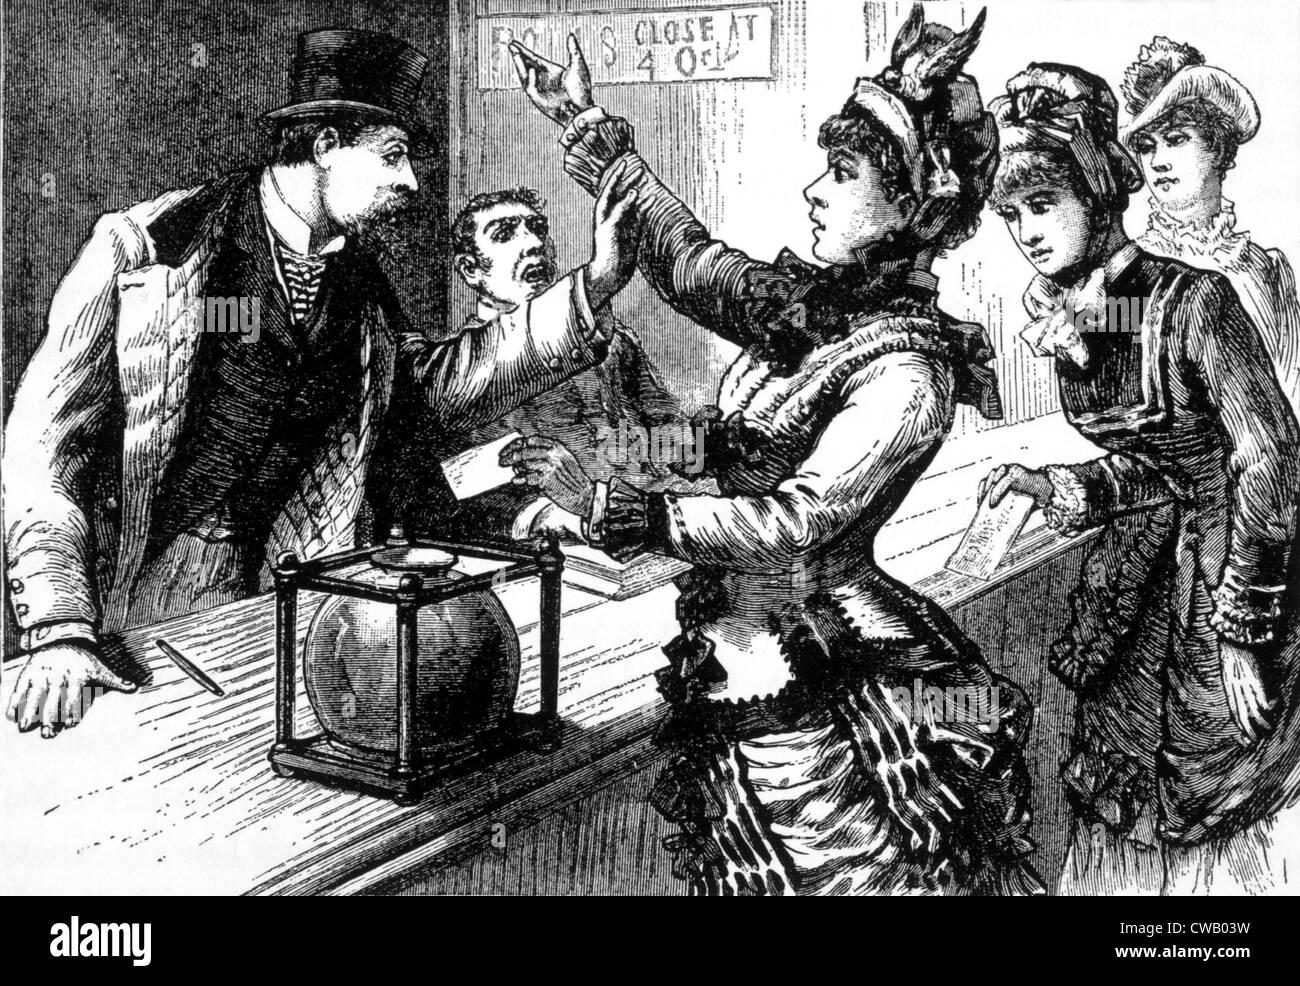 Una bandada de fuerte-mente las mujeres hacen una sensación en un lugar de votación uptown de Nueva York. Imagen De Stock